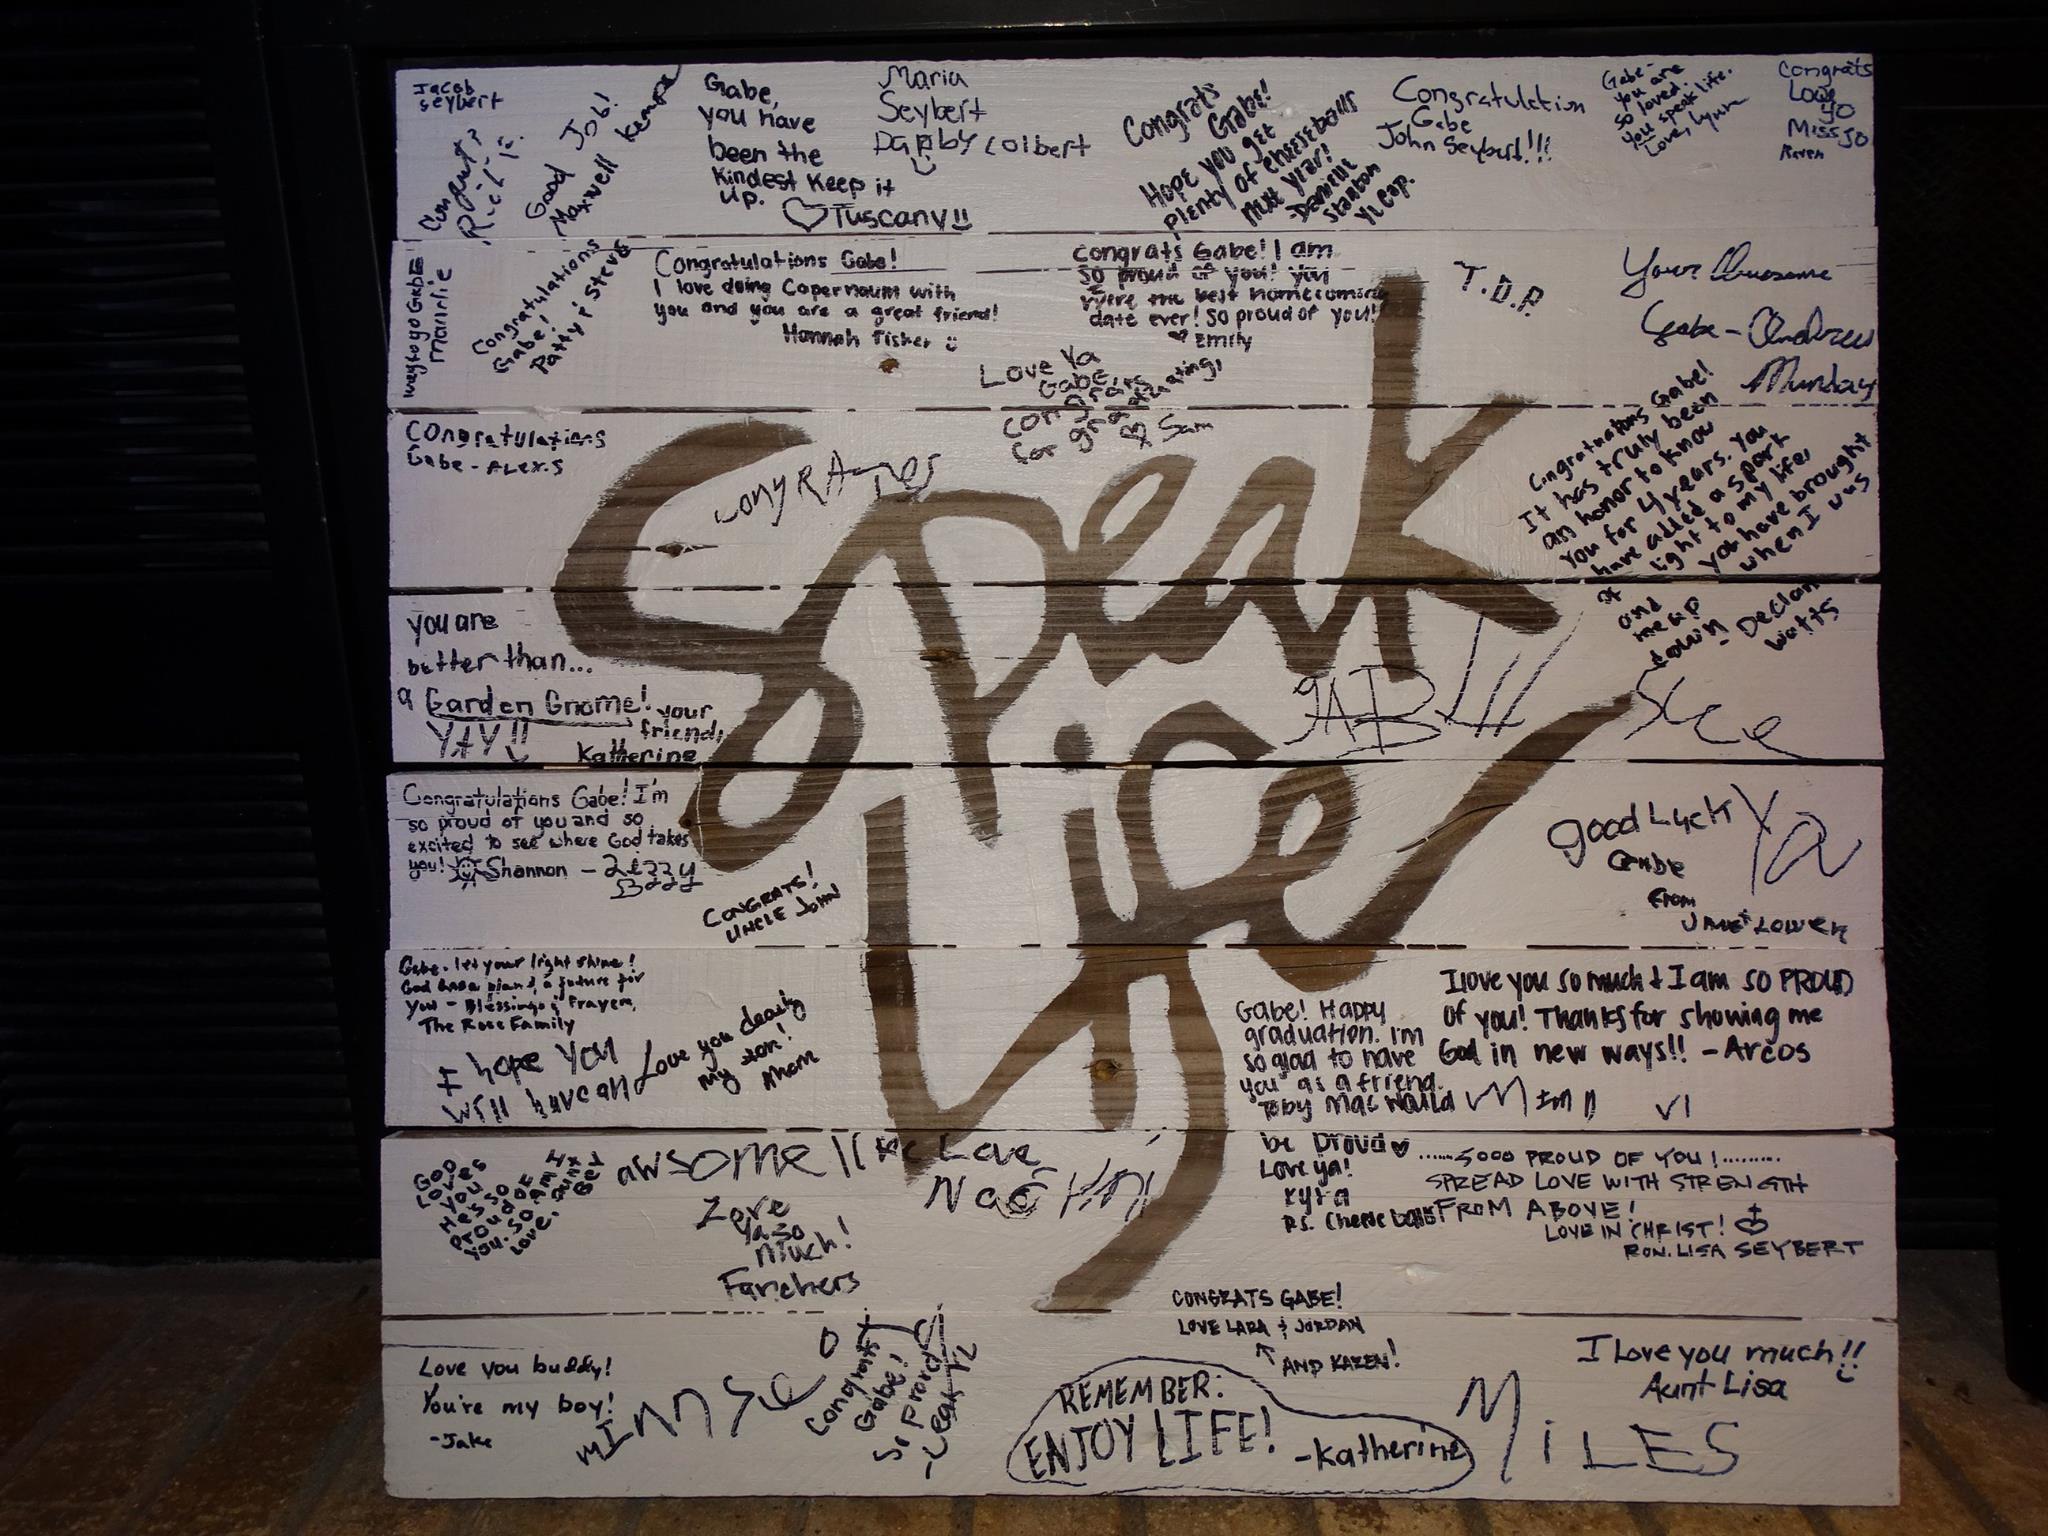 speak life signed.jpg